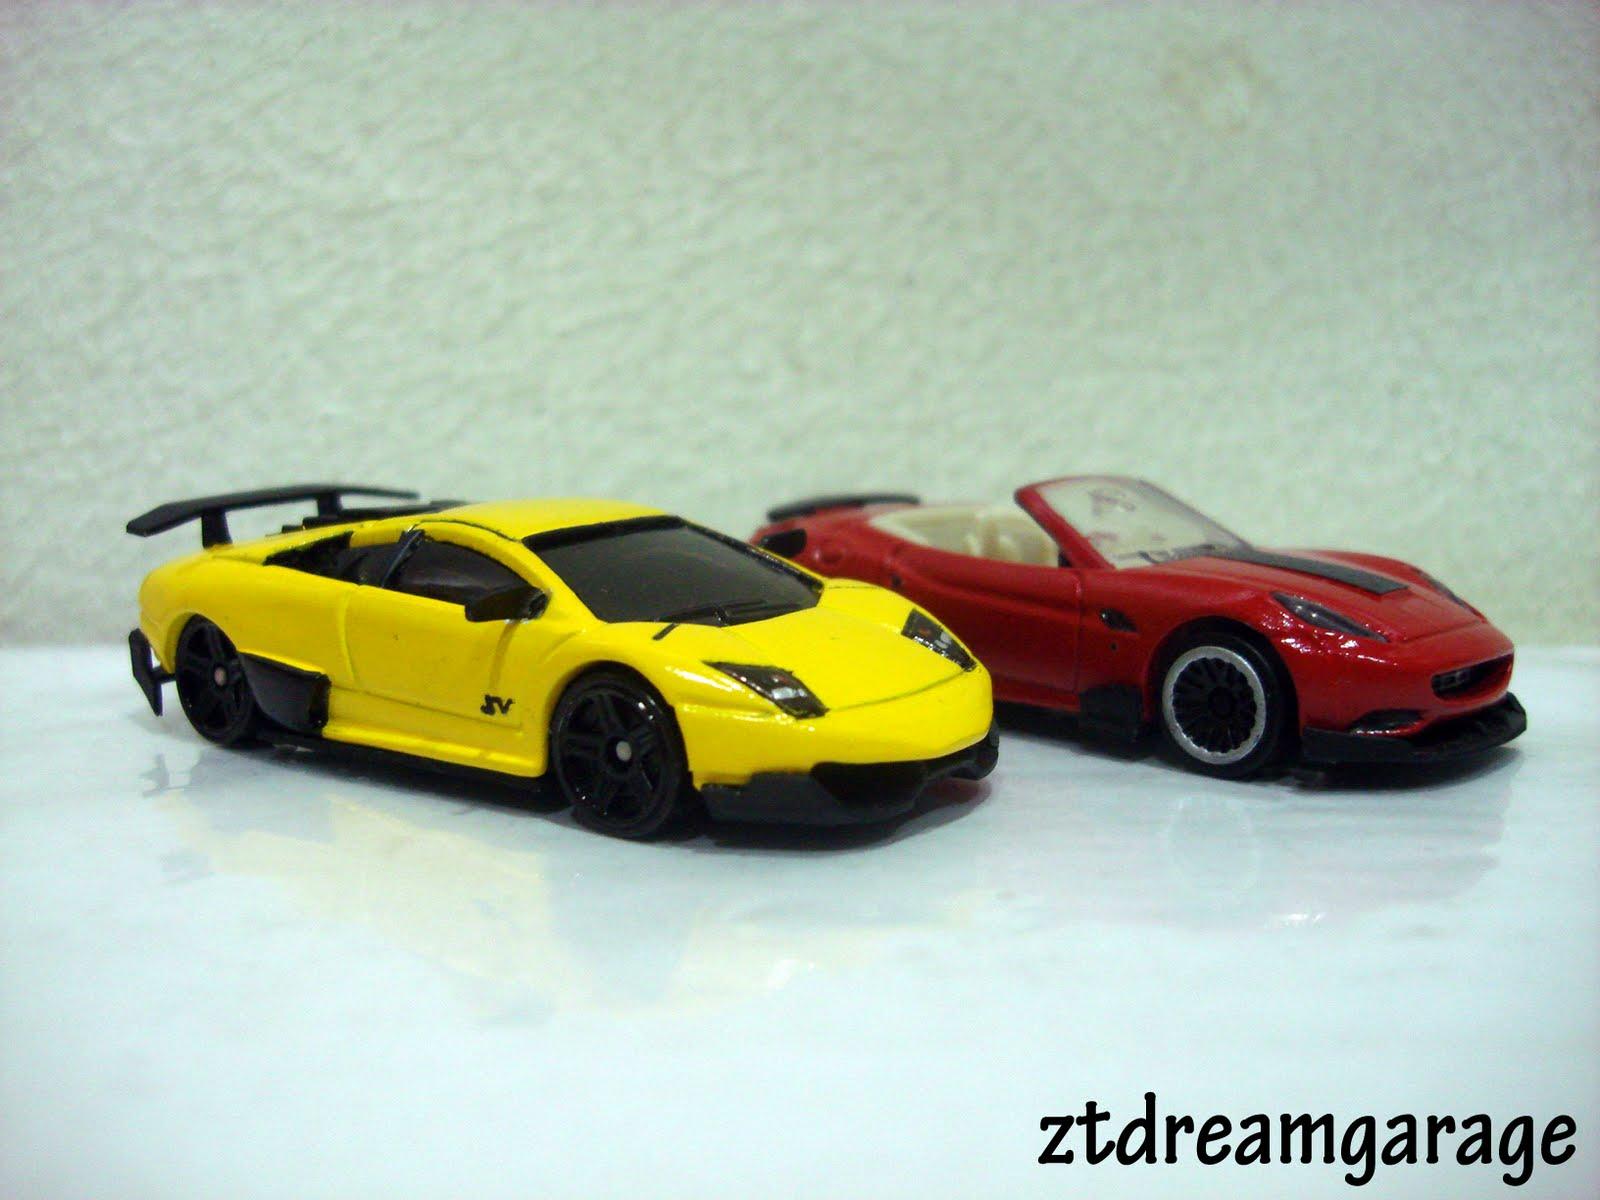 Zt S Dream Garage Hot Wheels Lamborghini Murcielago Lp670